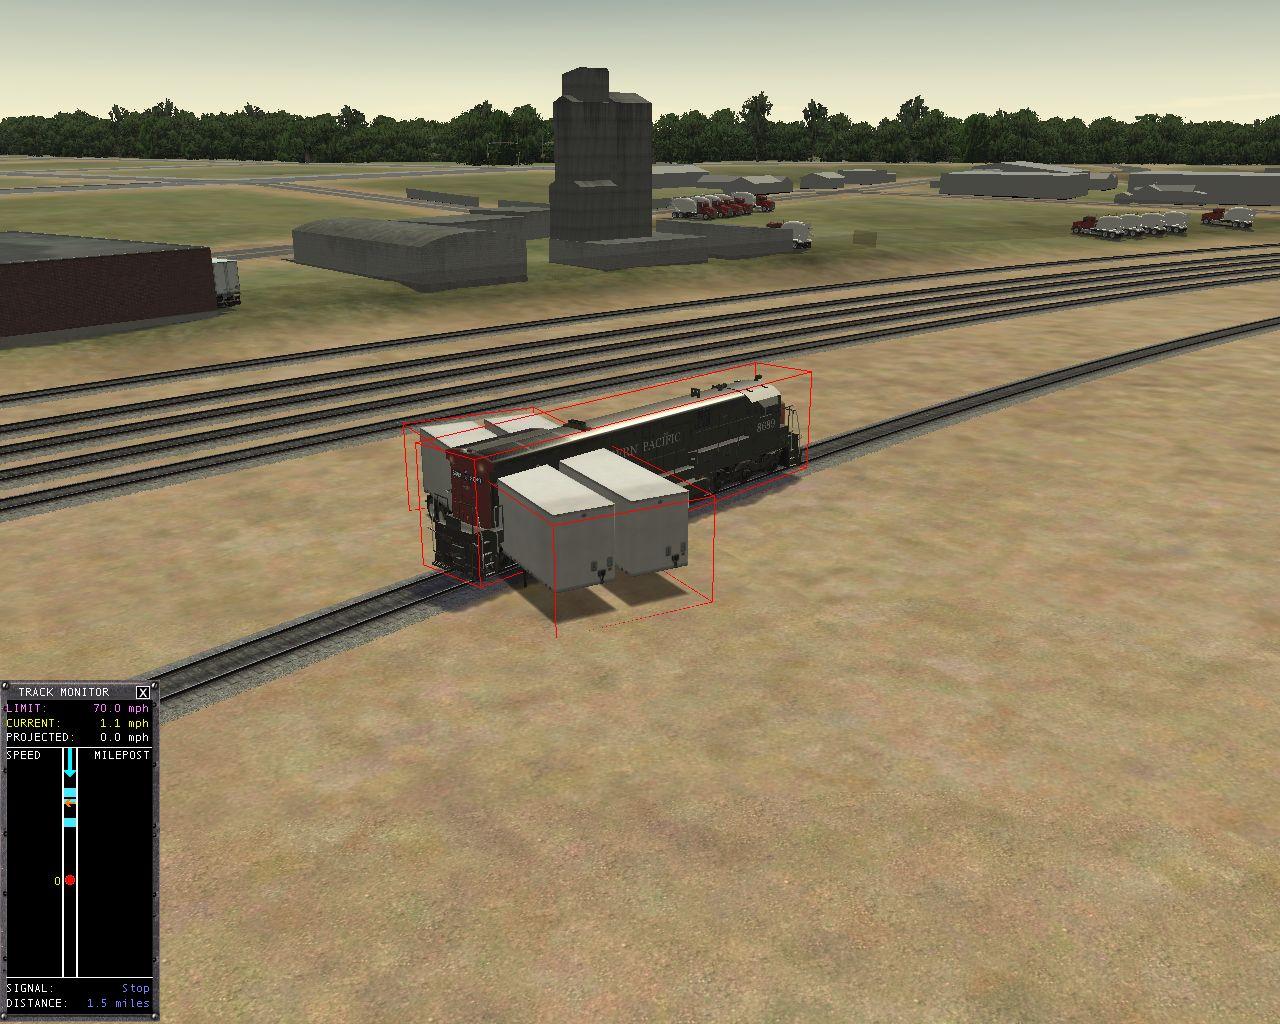 3DT_Car_TrailerG142a in simulator